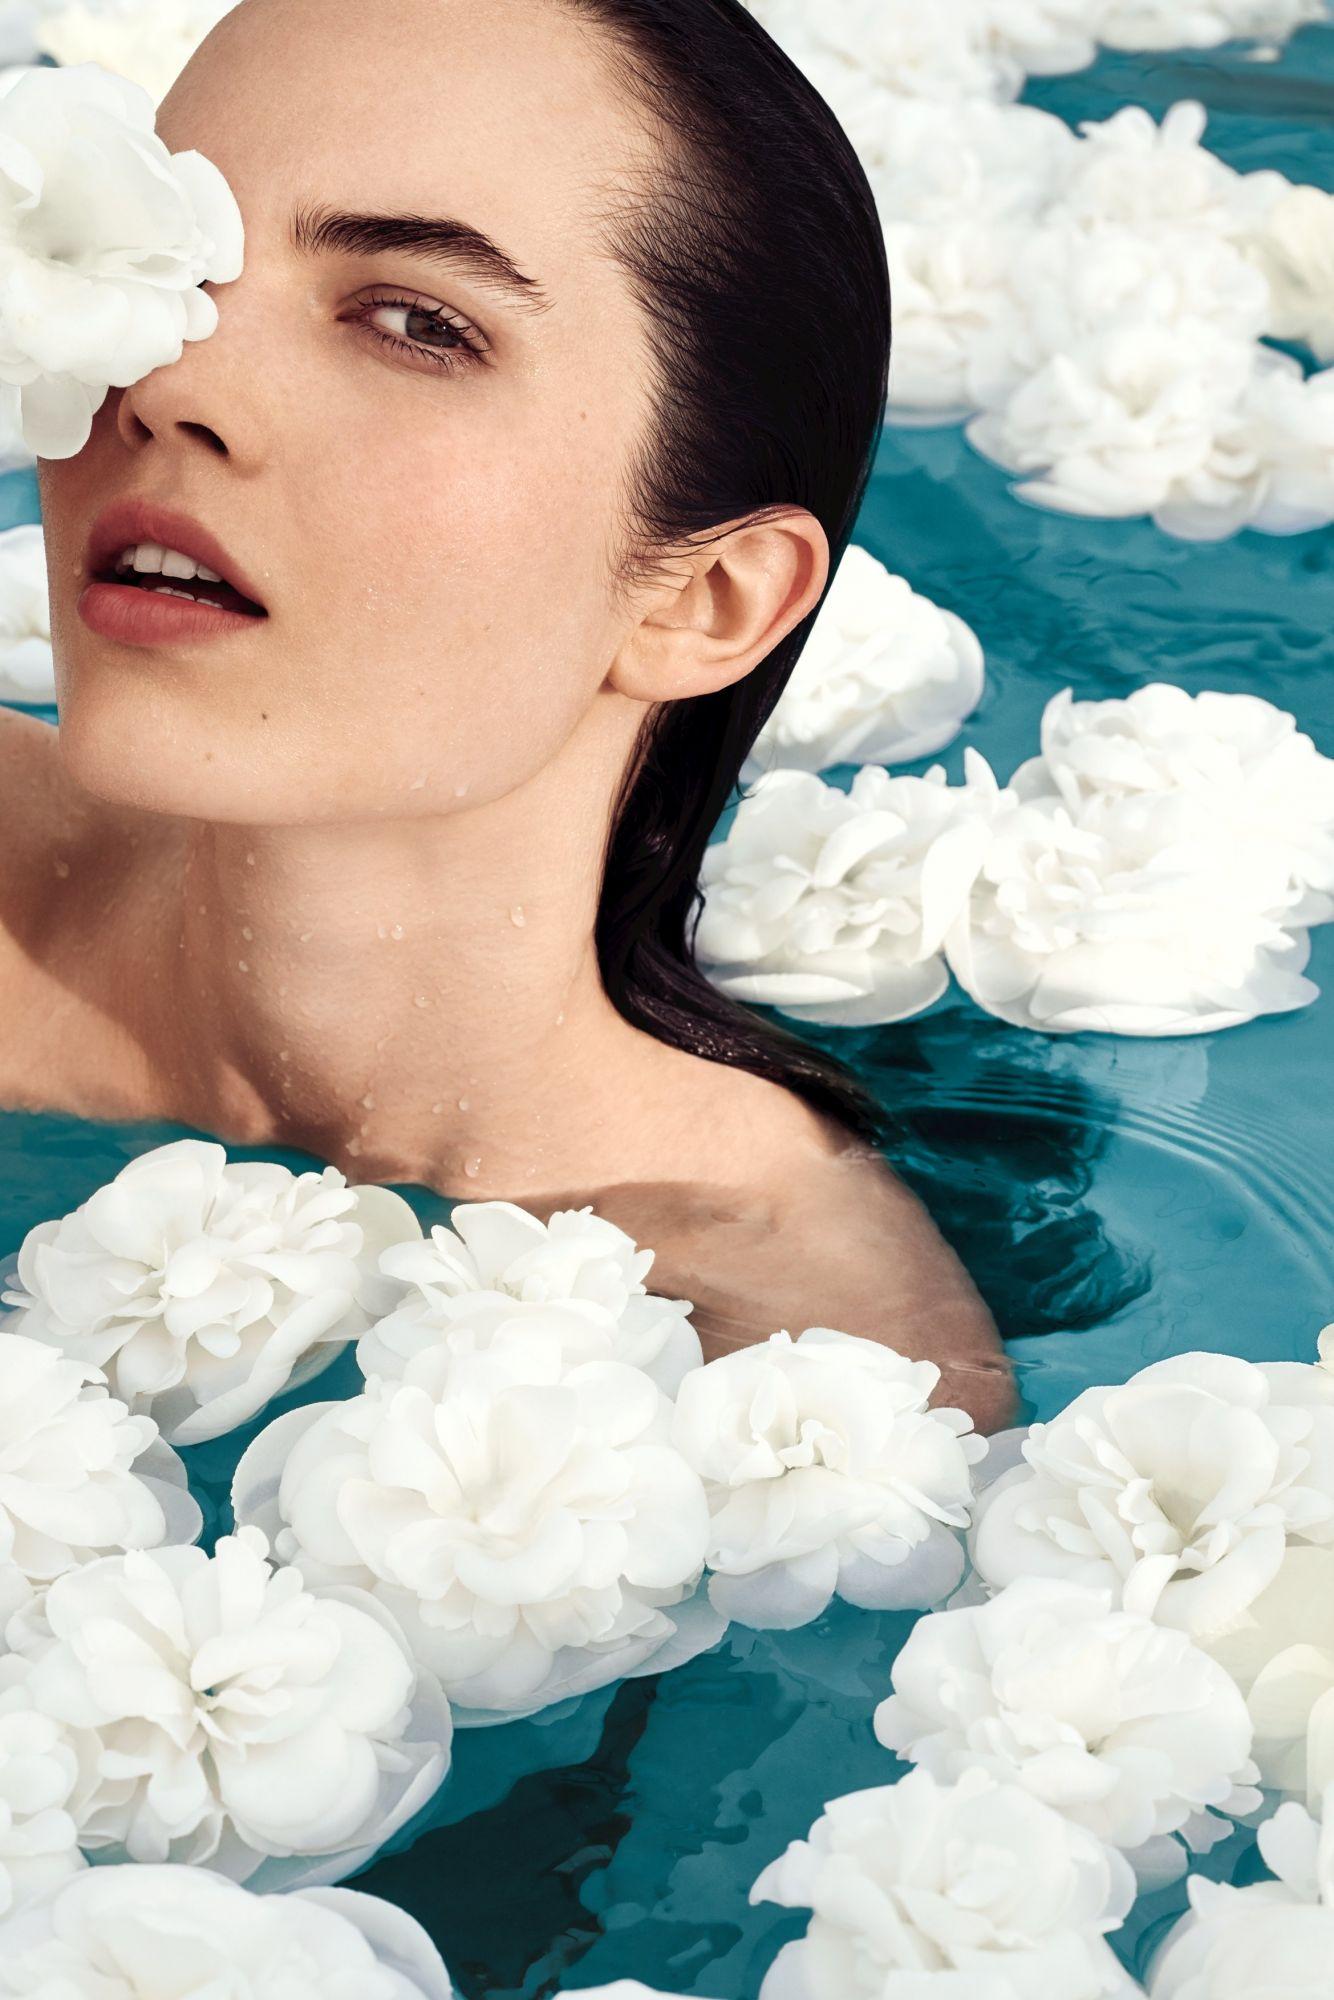 換季好乾燥?水感美肌三部曲讓你重現水潤光澤感美肌!